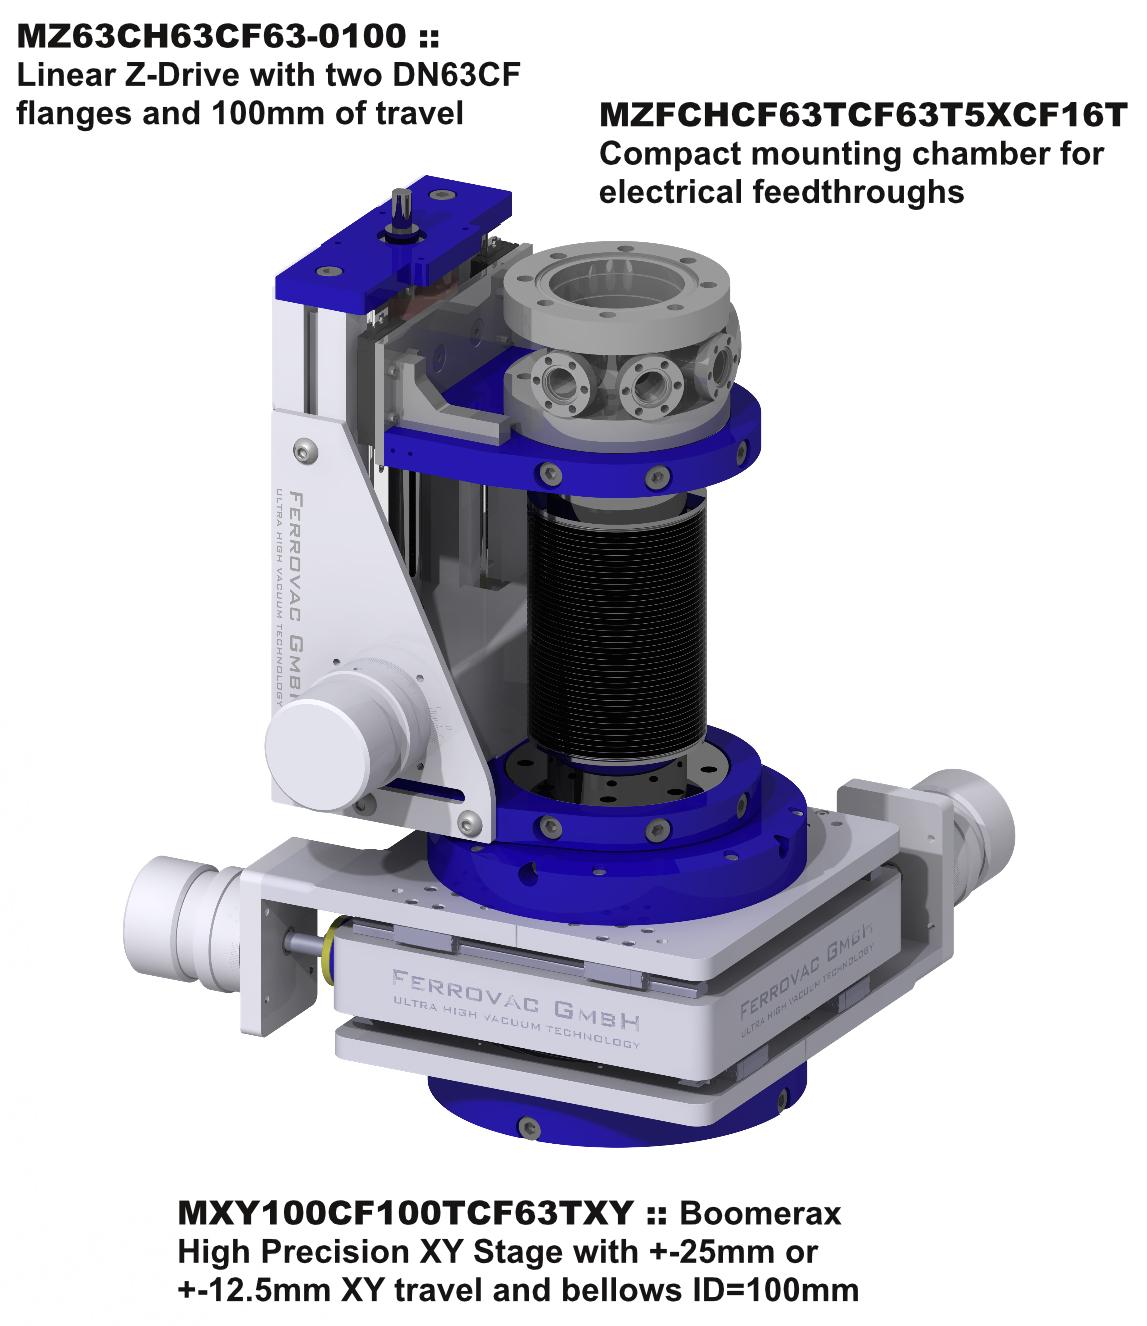 Boomerax MXYZR